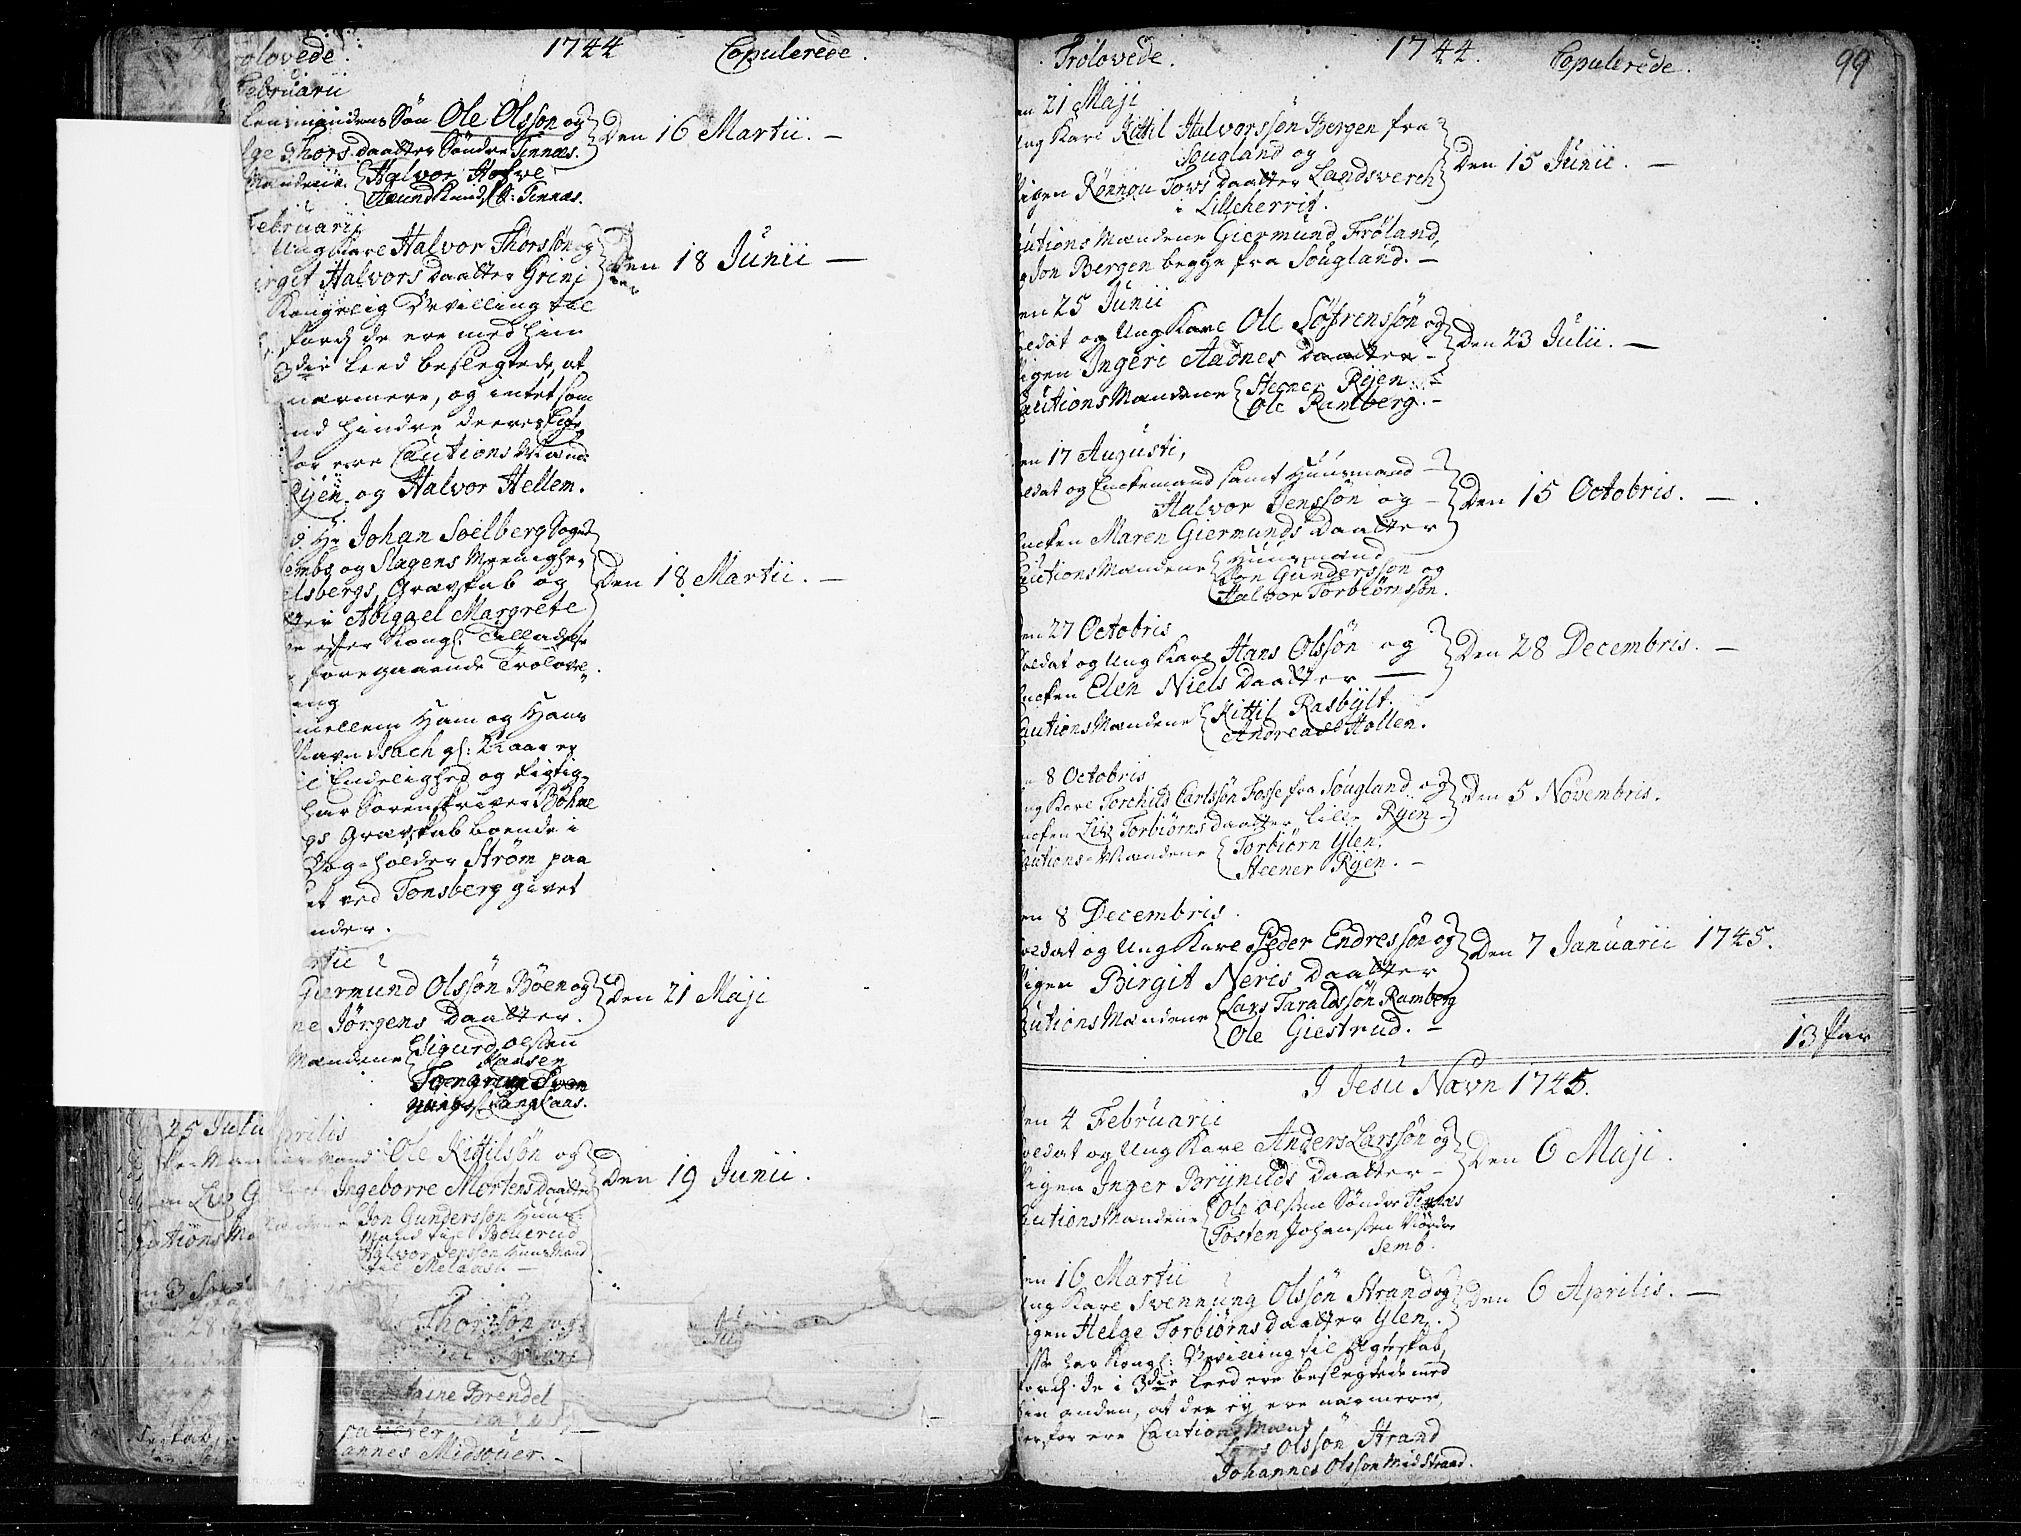 SAKO, Heddal kirkebøker, F/Fa/L0003: Ministerialbok nr. I 3, 1723-1783, s. 99